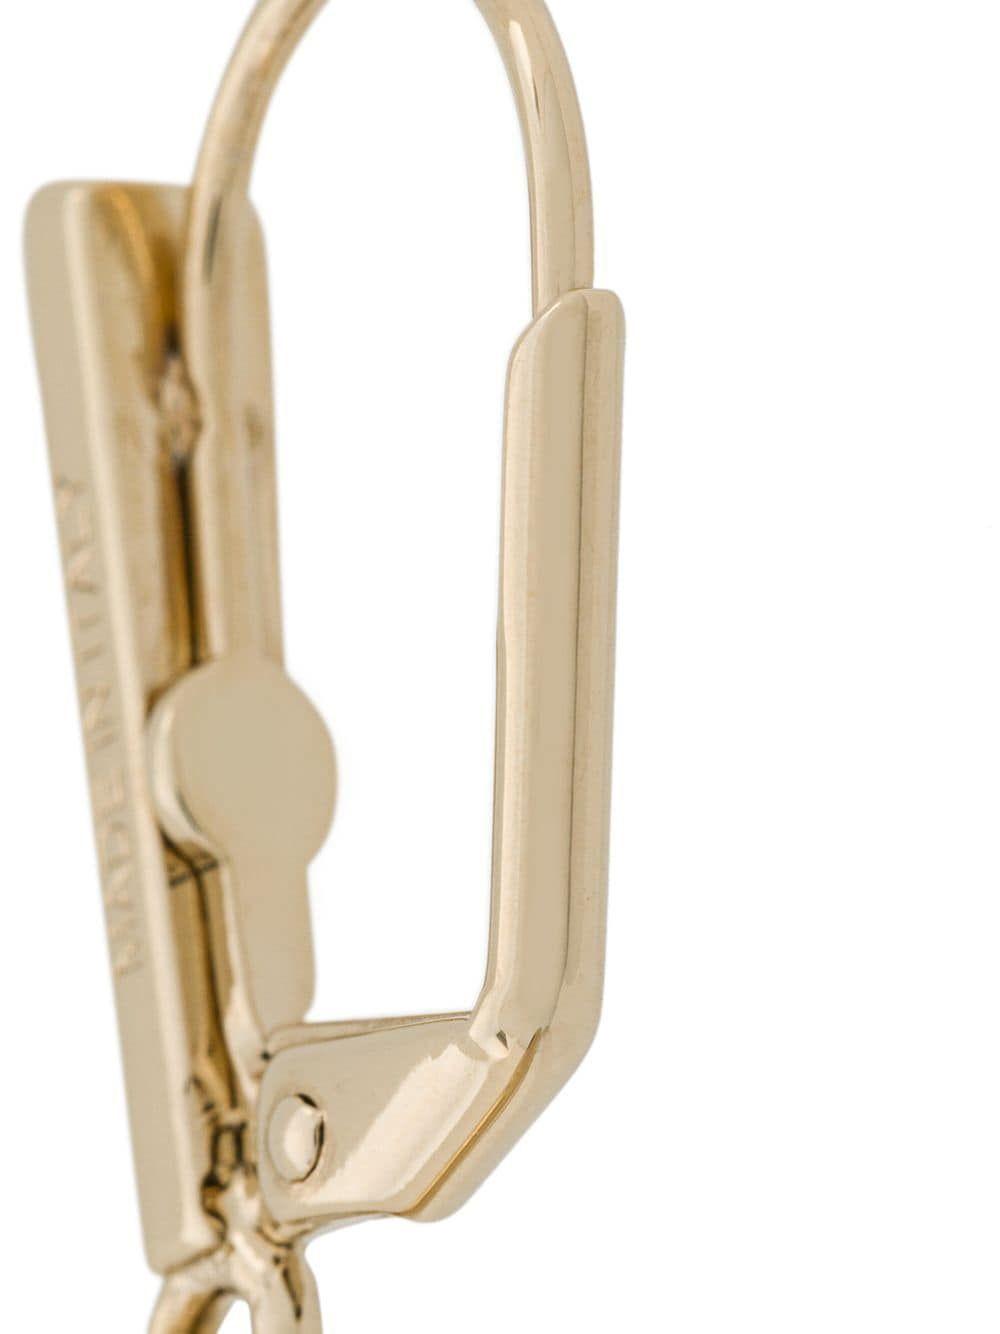 ALEXANDER MCQUEEN WOMEN'S 553659J160K7285 GOLD METAL EARRINGS